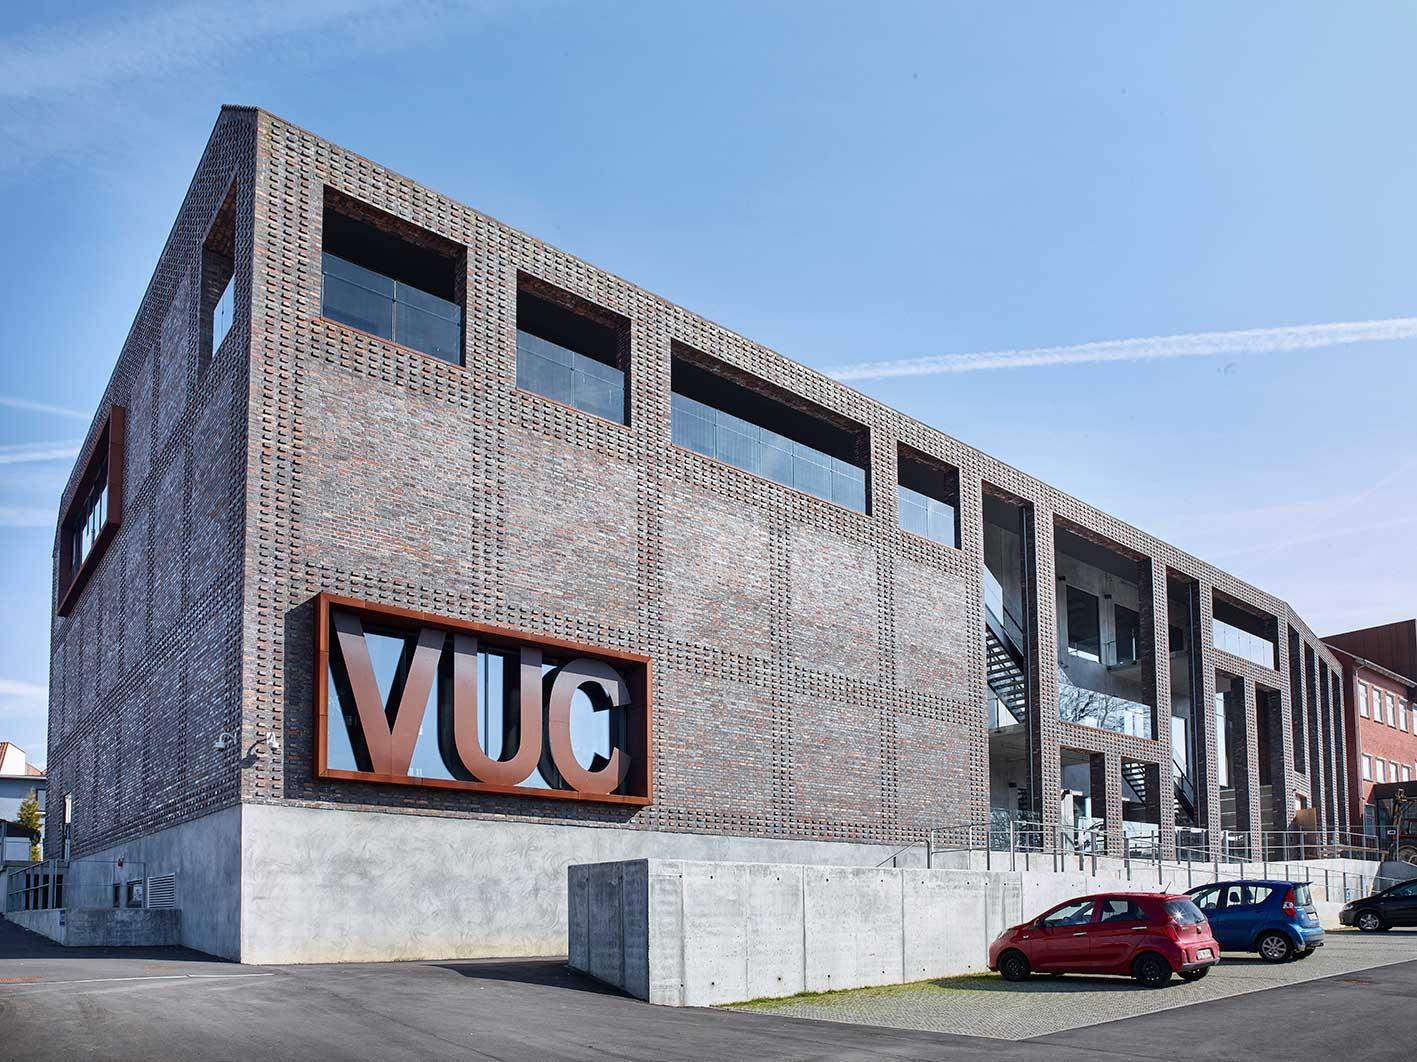 VUC Aabenraa facade - Luminex